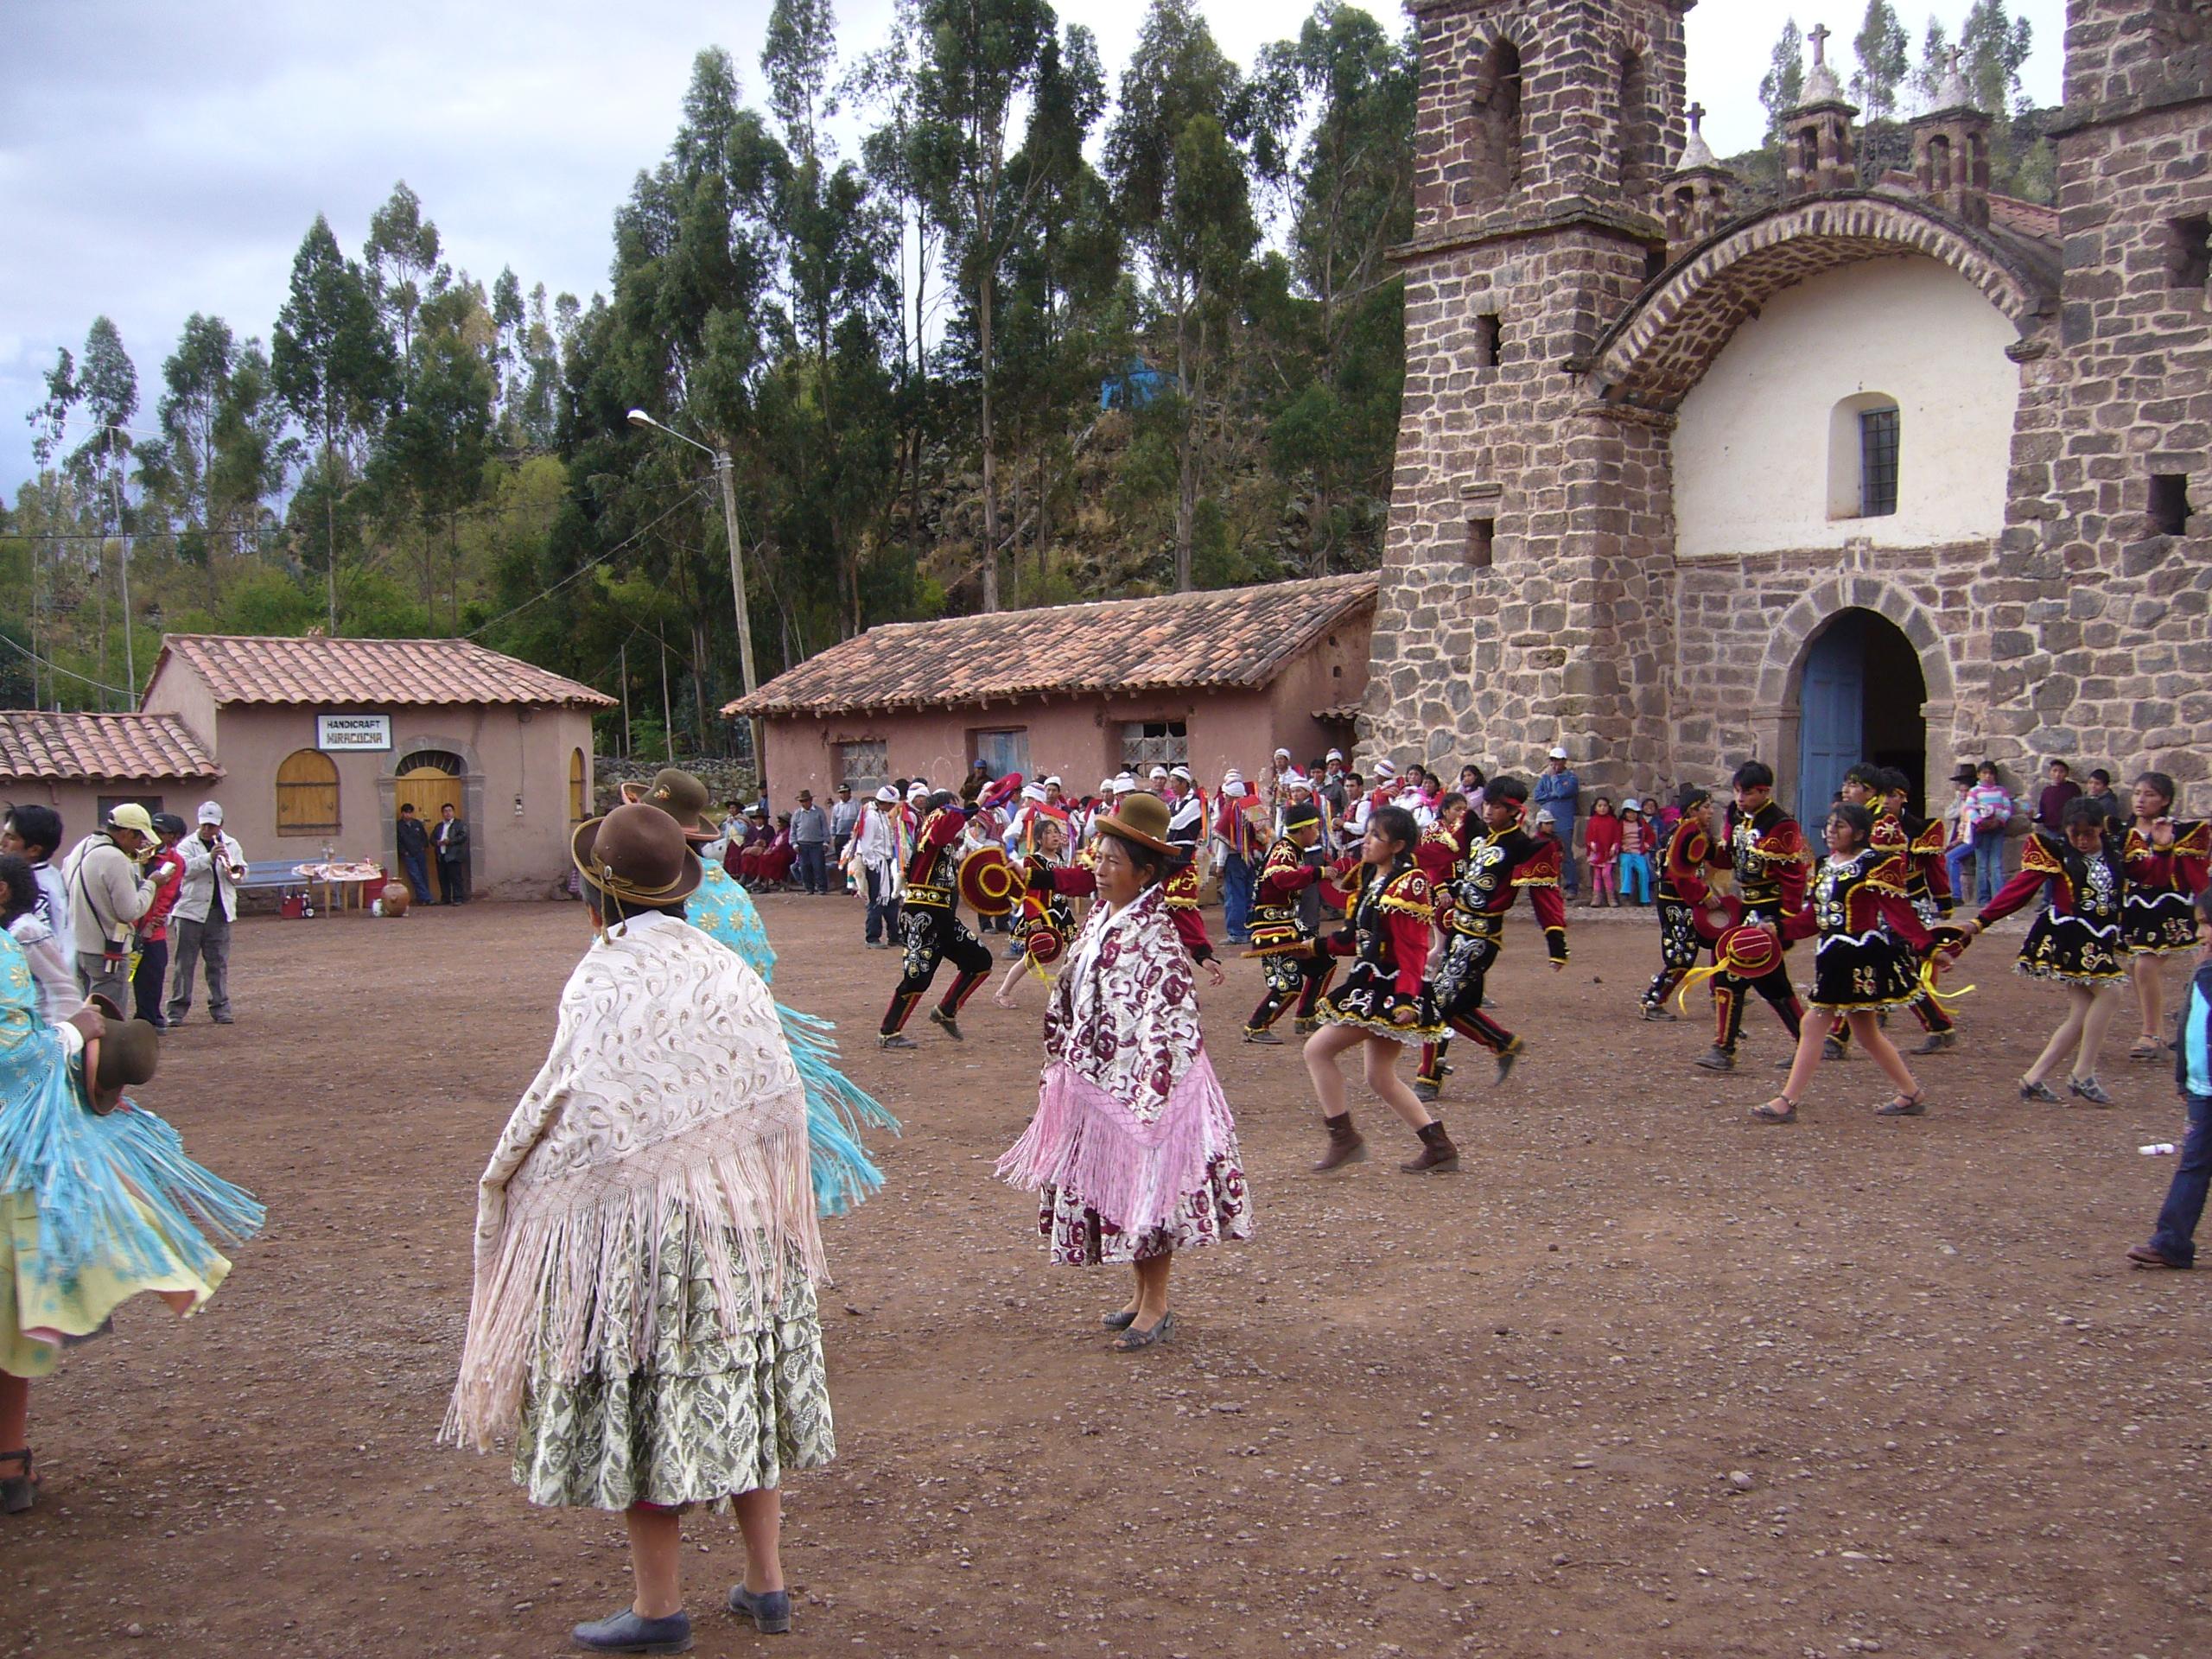 Radreise Peru 2008 - Fiesta in Raqchi bei San Pedro